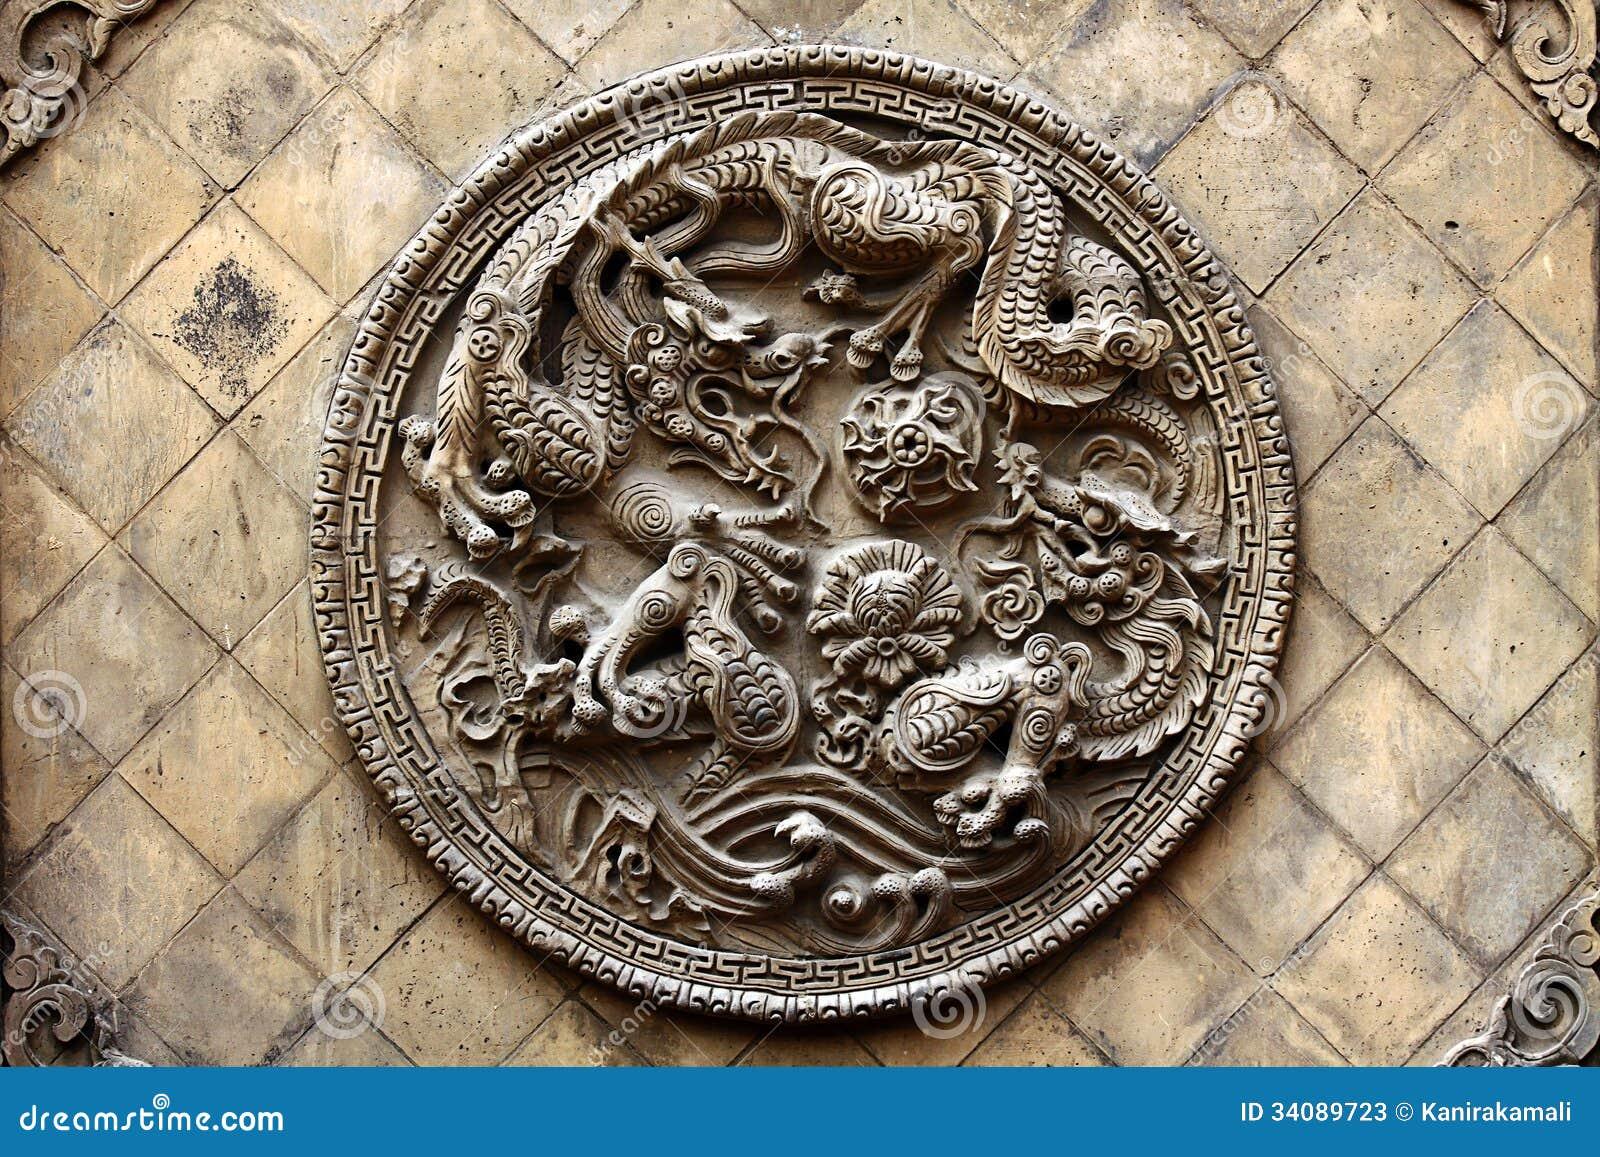 Taoism Symbols Dragon: Ying Yang Dragon Stock Photos